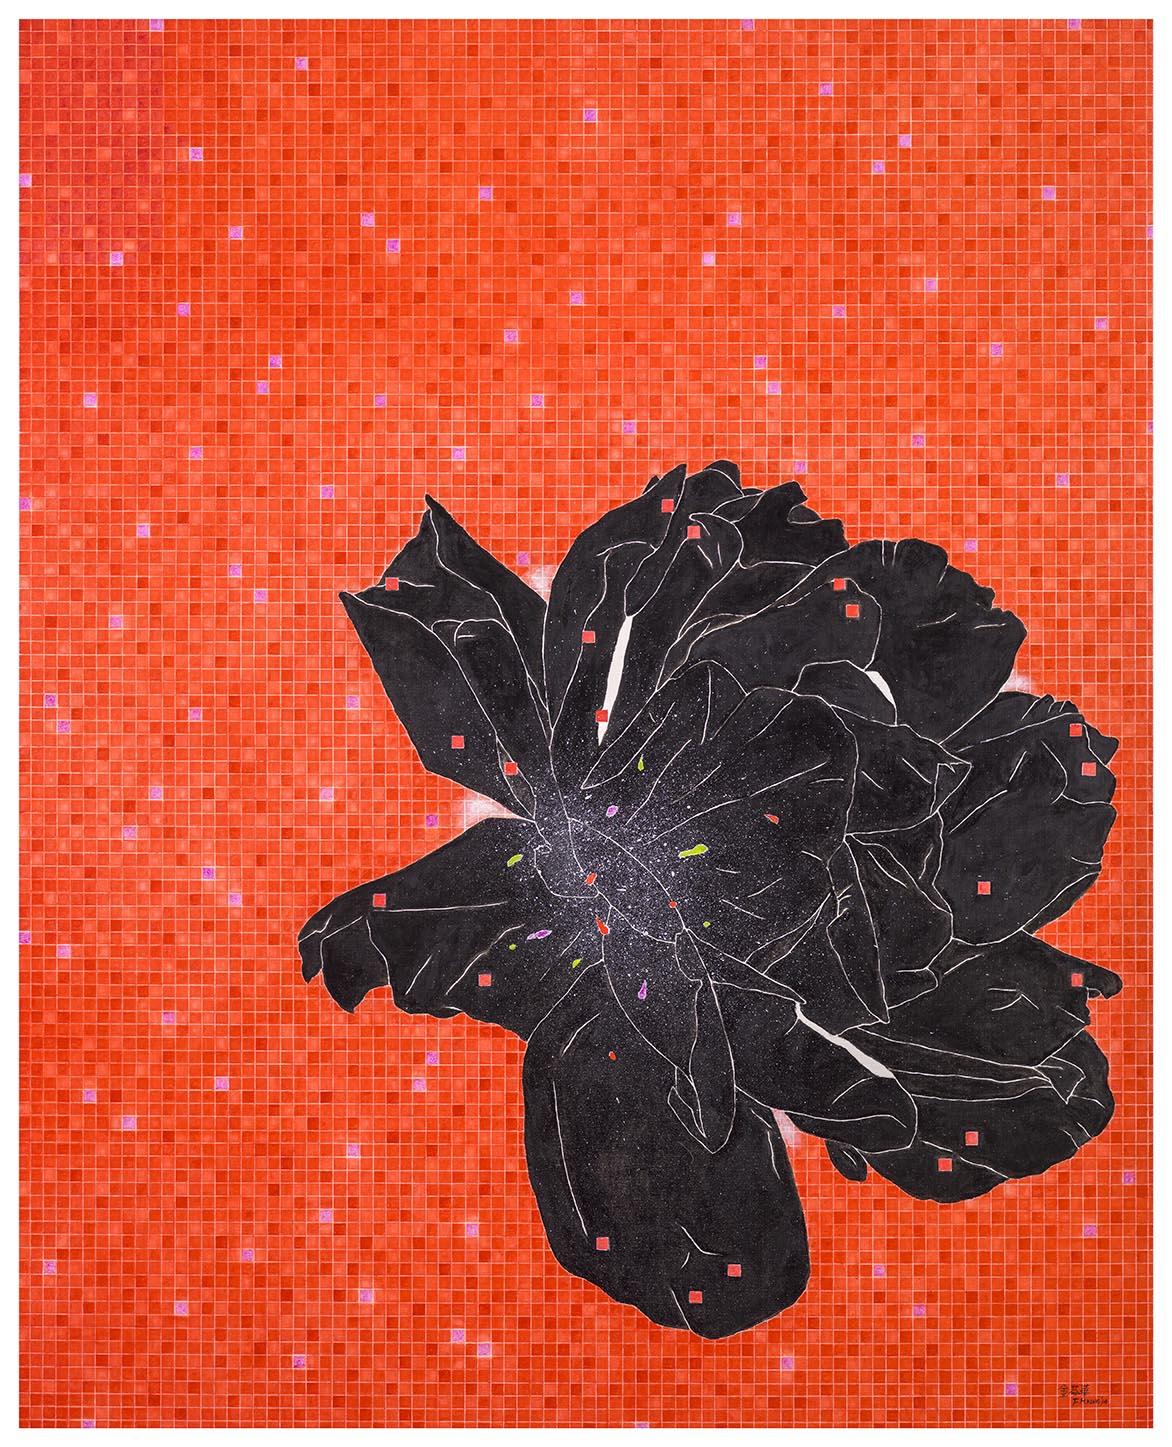 蔷薇花开-红 油彩画布 162x130cm